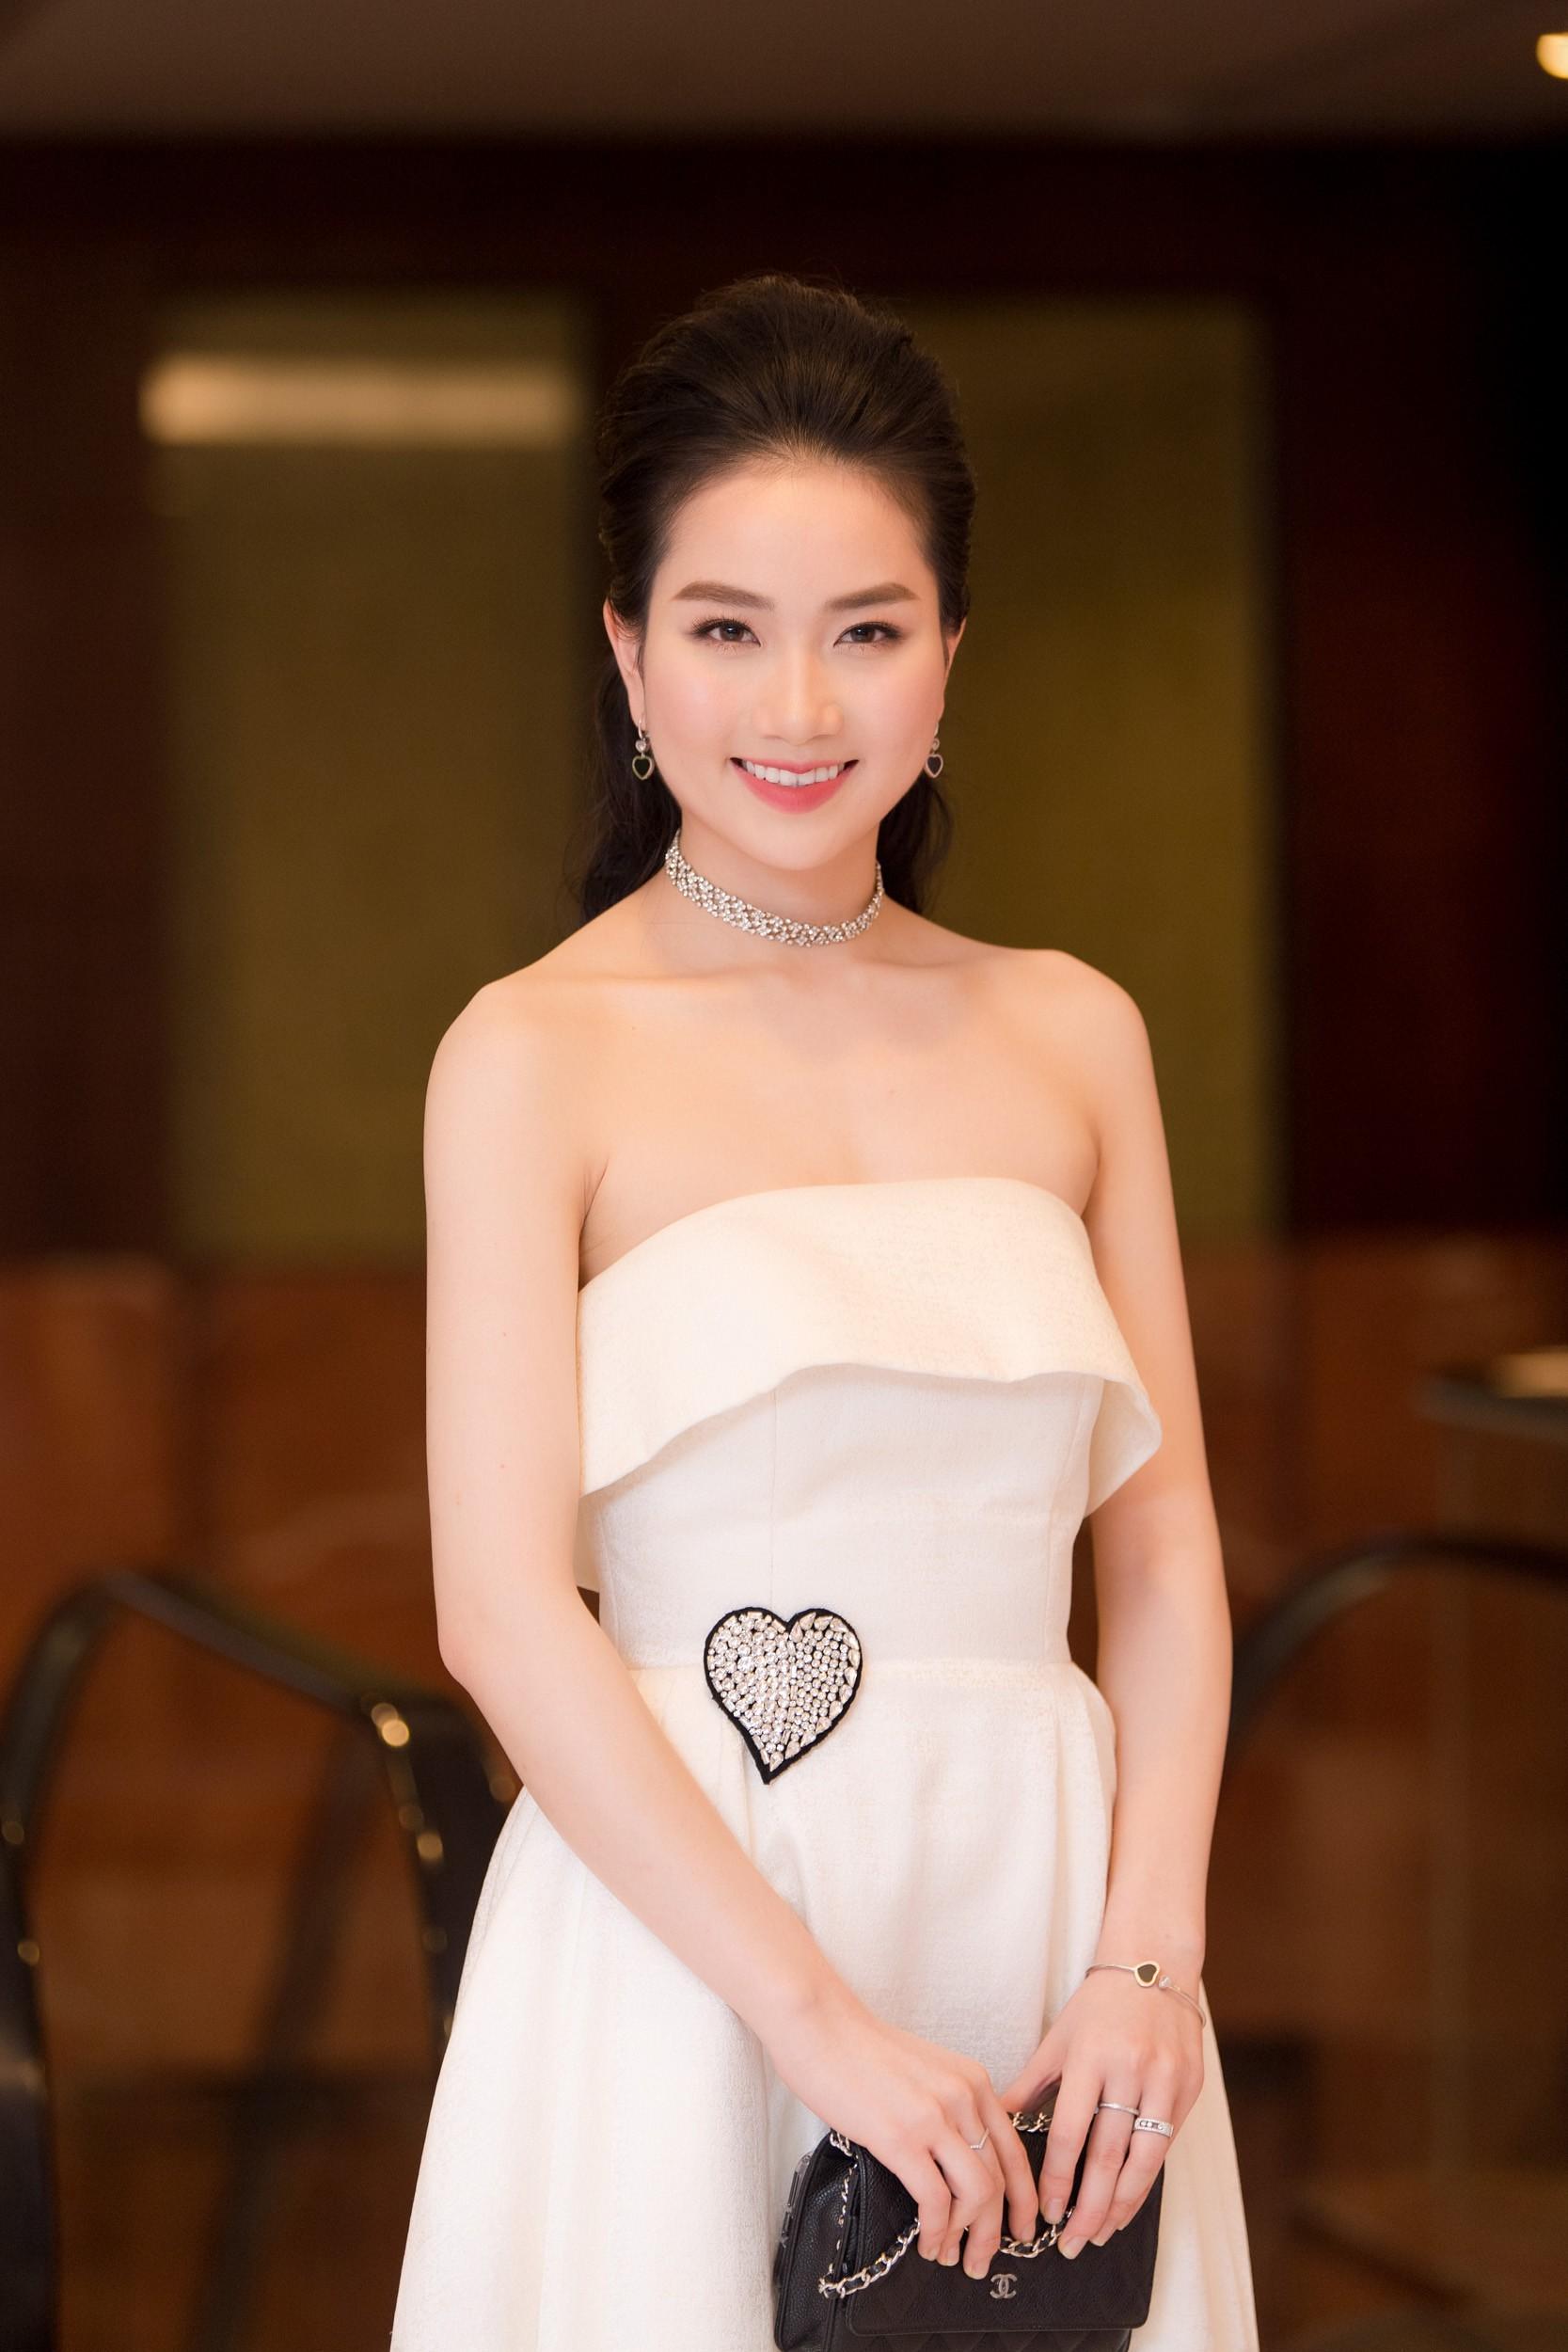 Hoa hậu Việt Nam 2018 mời bác sĩ nha khoa, nhân trắc học nhiều lần tránh để lọt thí sinh phẫu thuật thẩm mỹ - Ảnh 10.